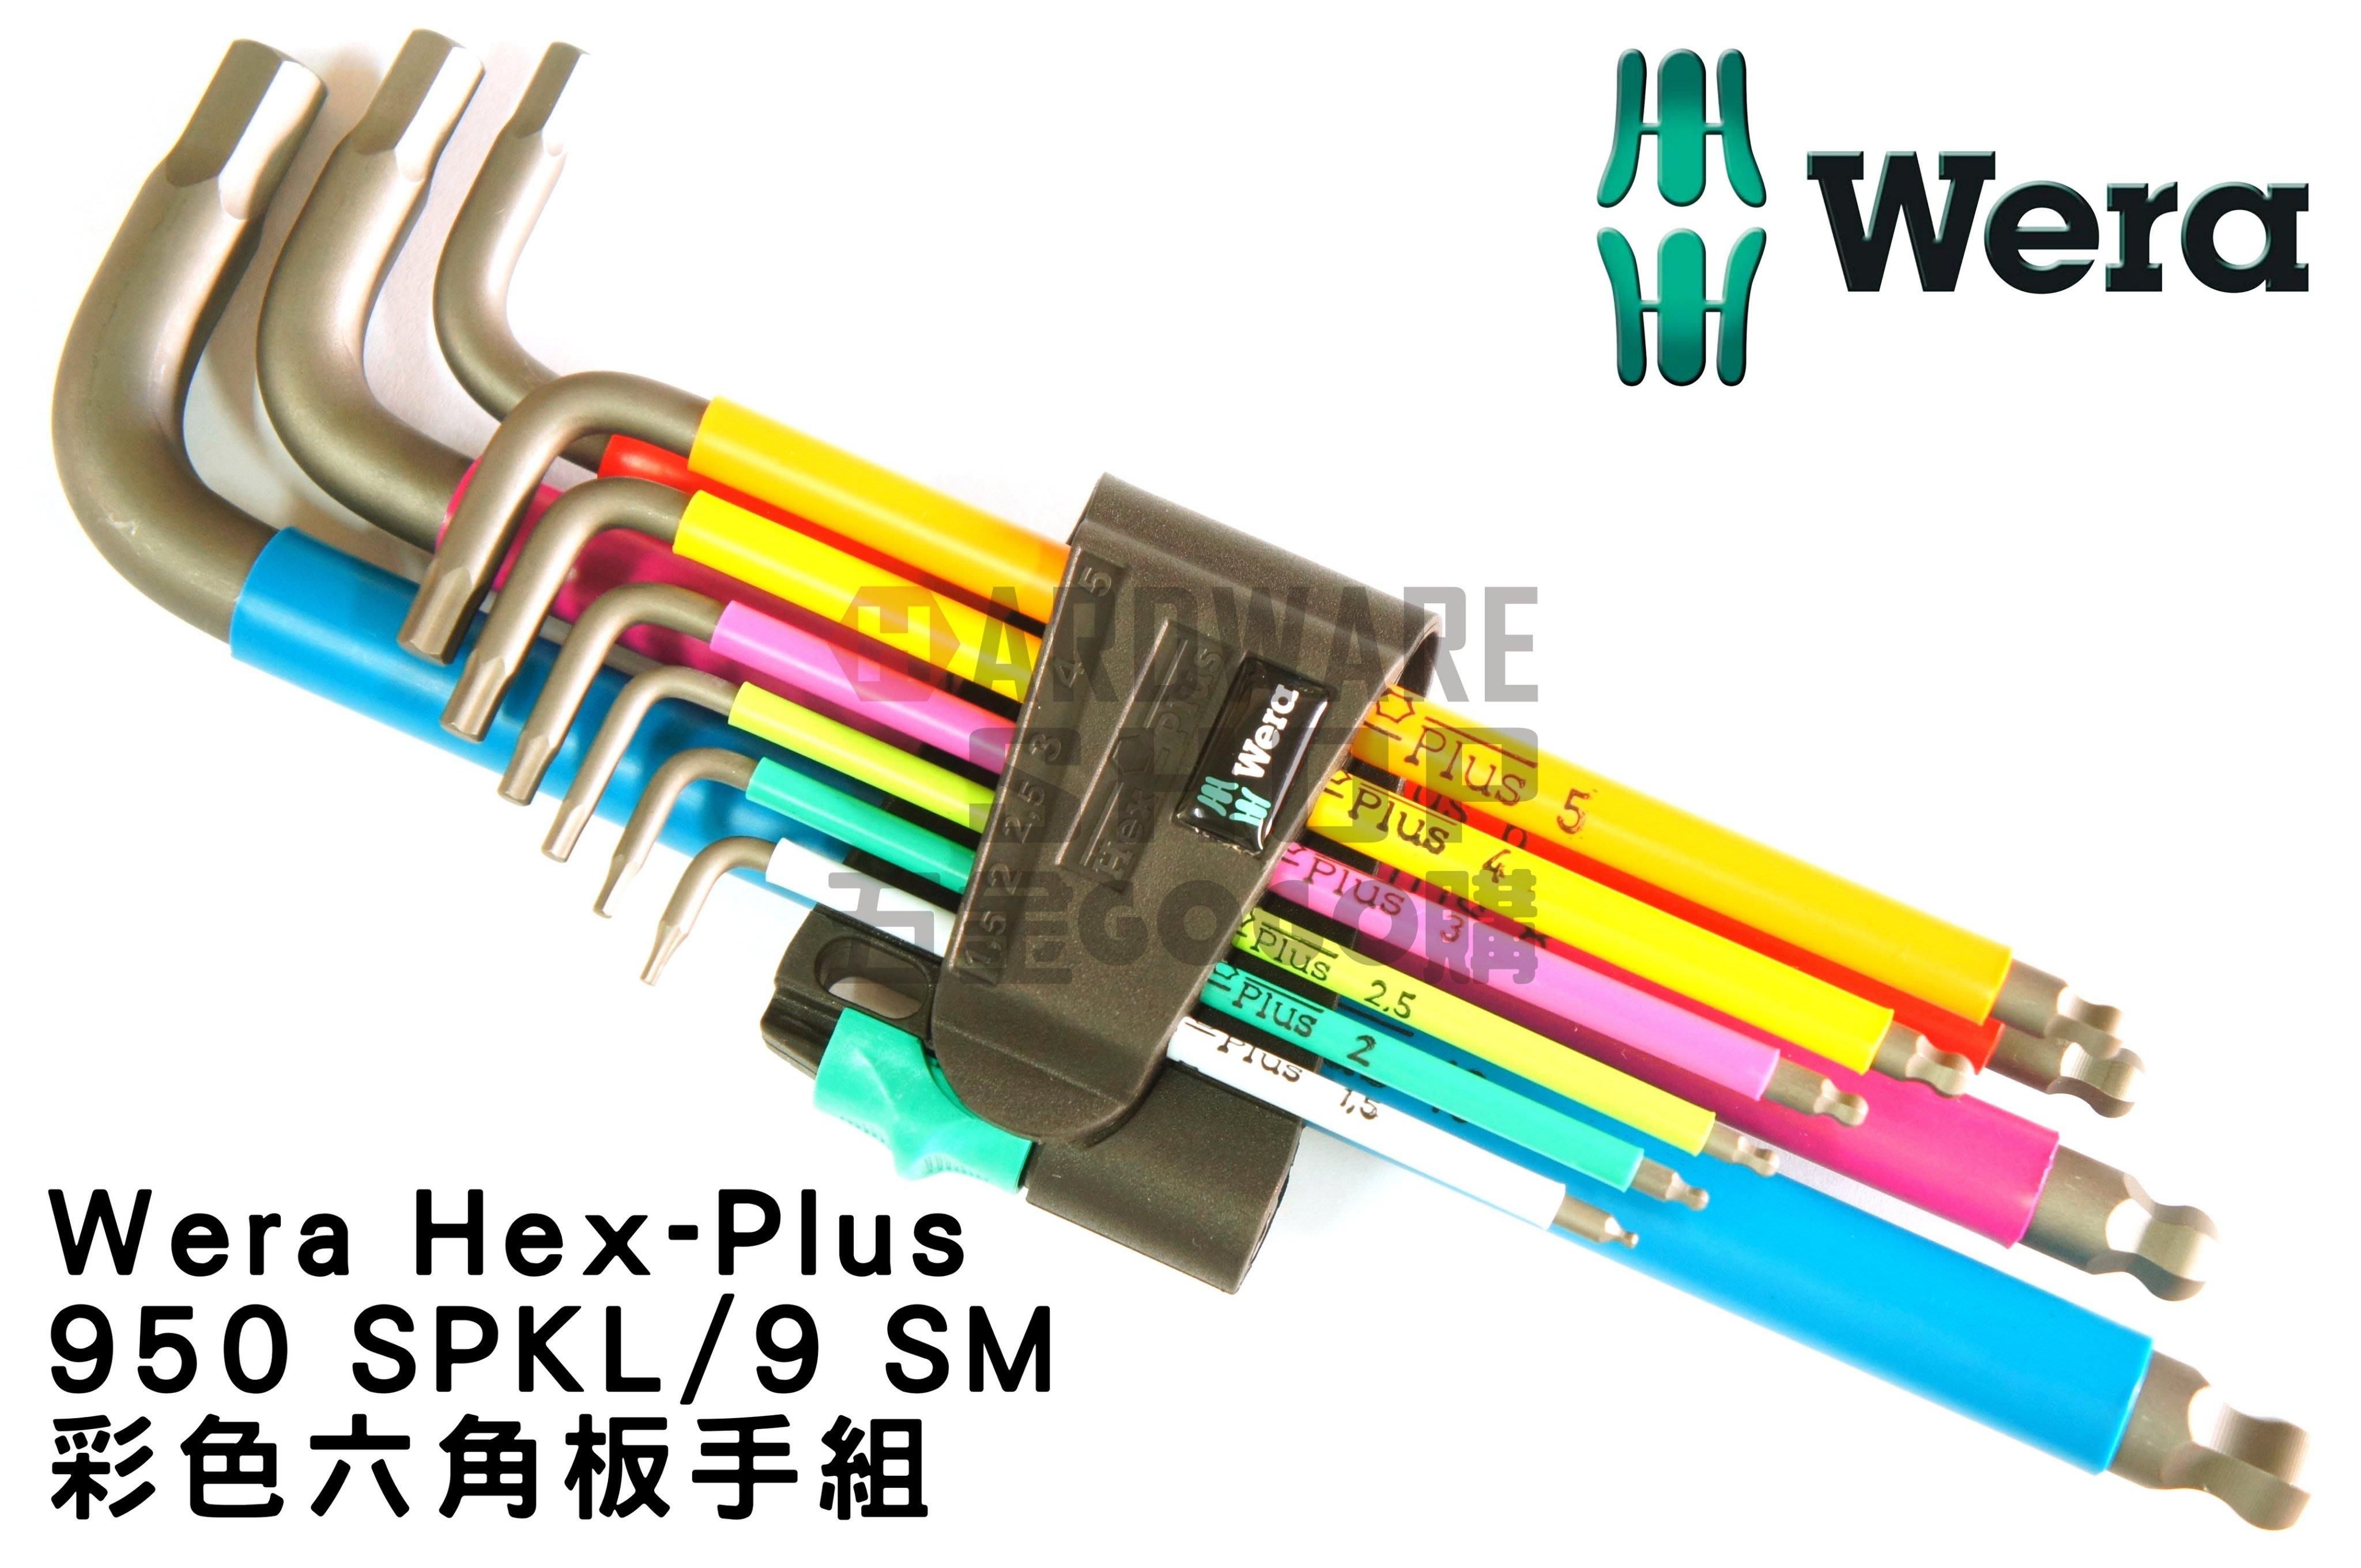 德國 WERA 950 SPKL/9 SM 073593 彩色 球型 六角 板手組 公制 9支組